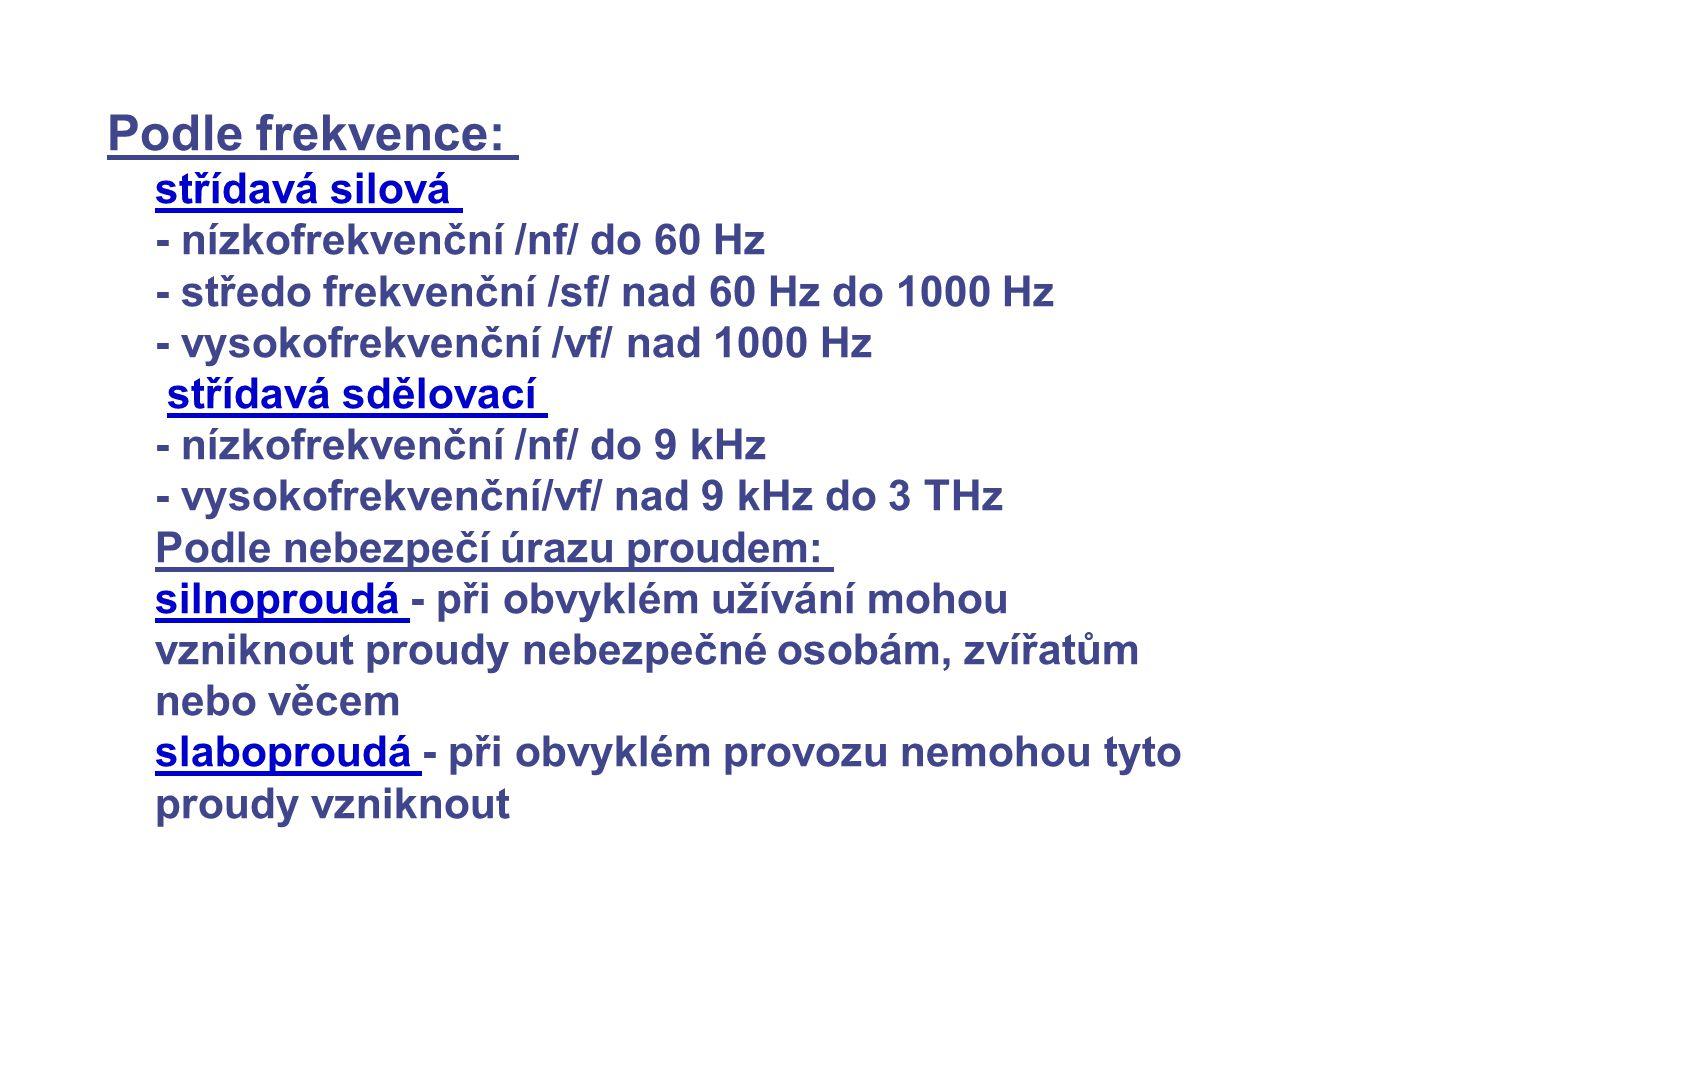 Podle frekvence: střídavá silová - nízkofrekvenční /nf/ do 60 Hz